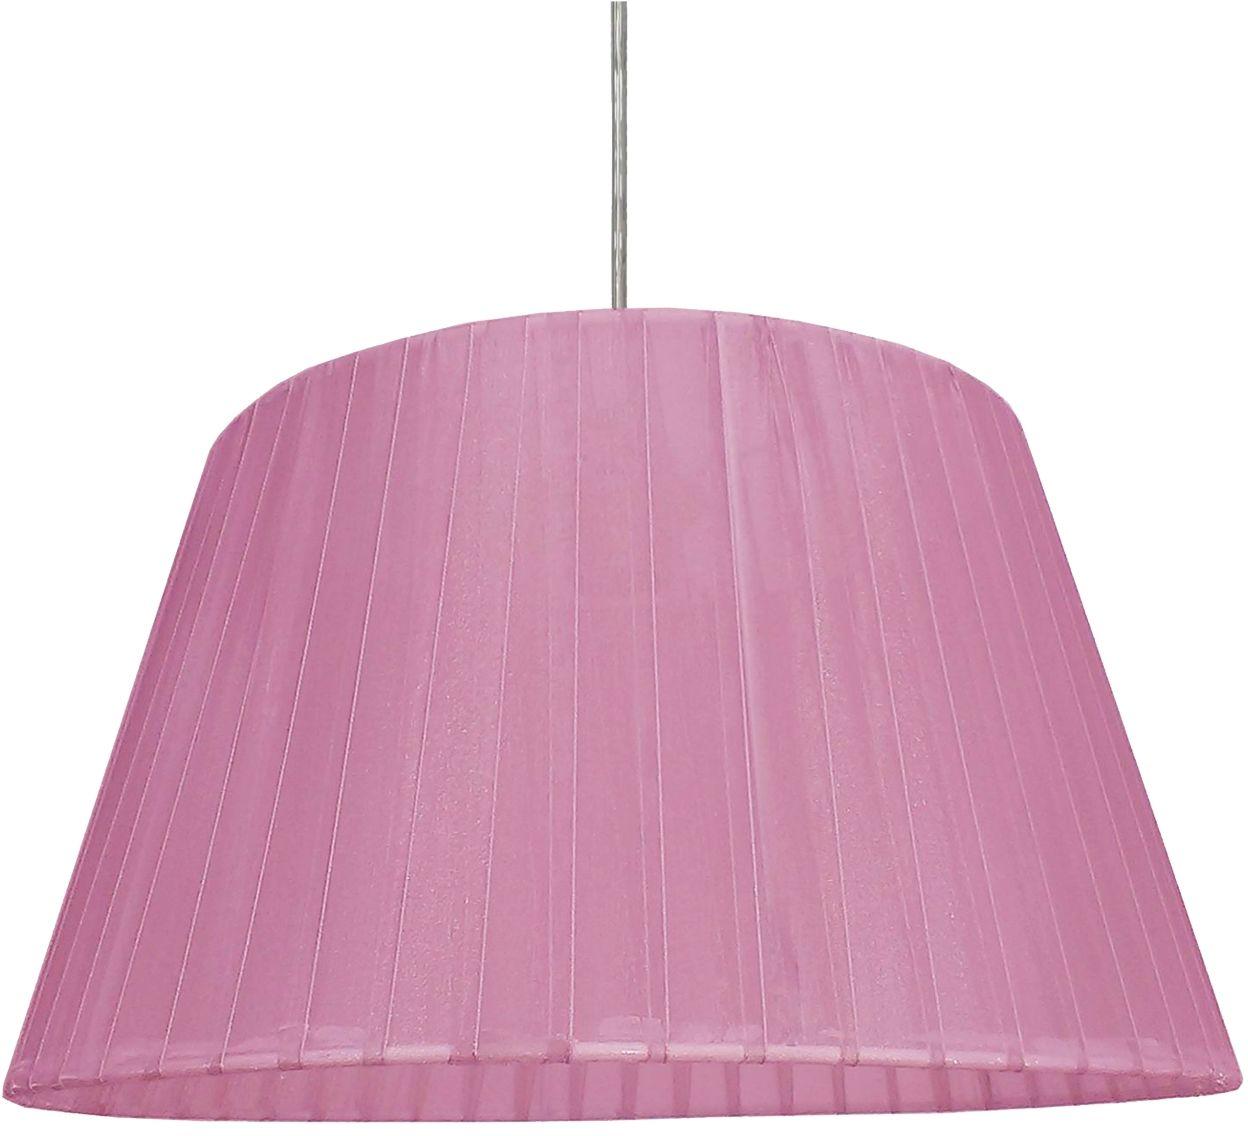 Candellux TIZIANO 31-27115 lampa wisząca abażur stożkowy z tkaniny fioletowej 1X60W E27 37 cm